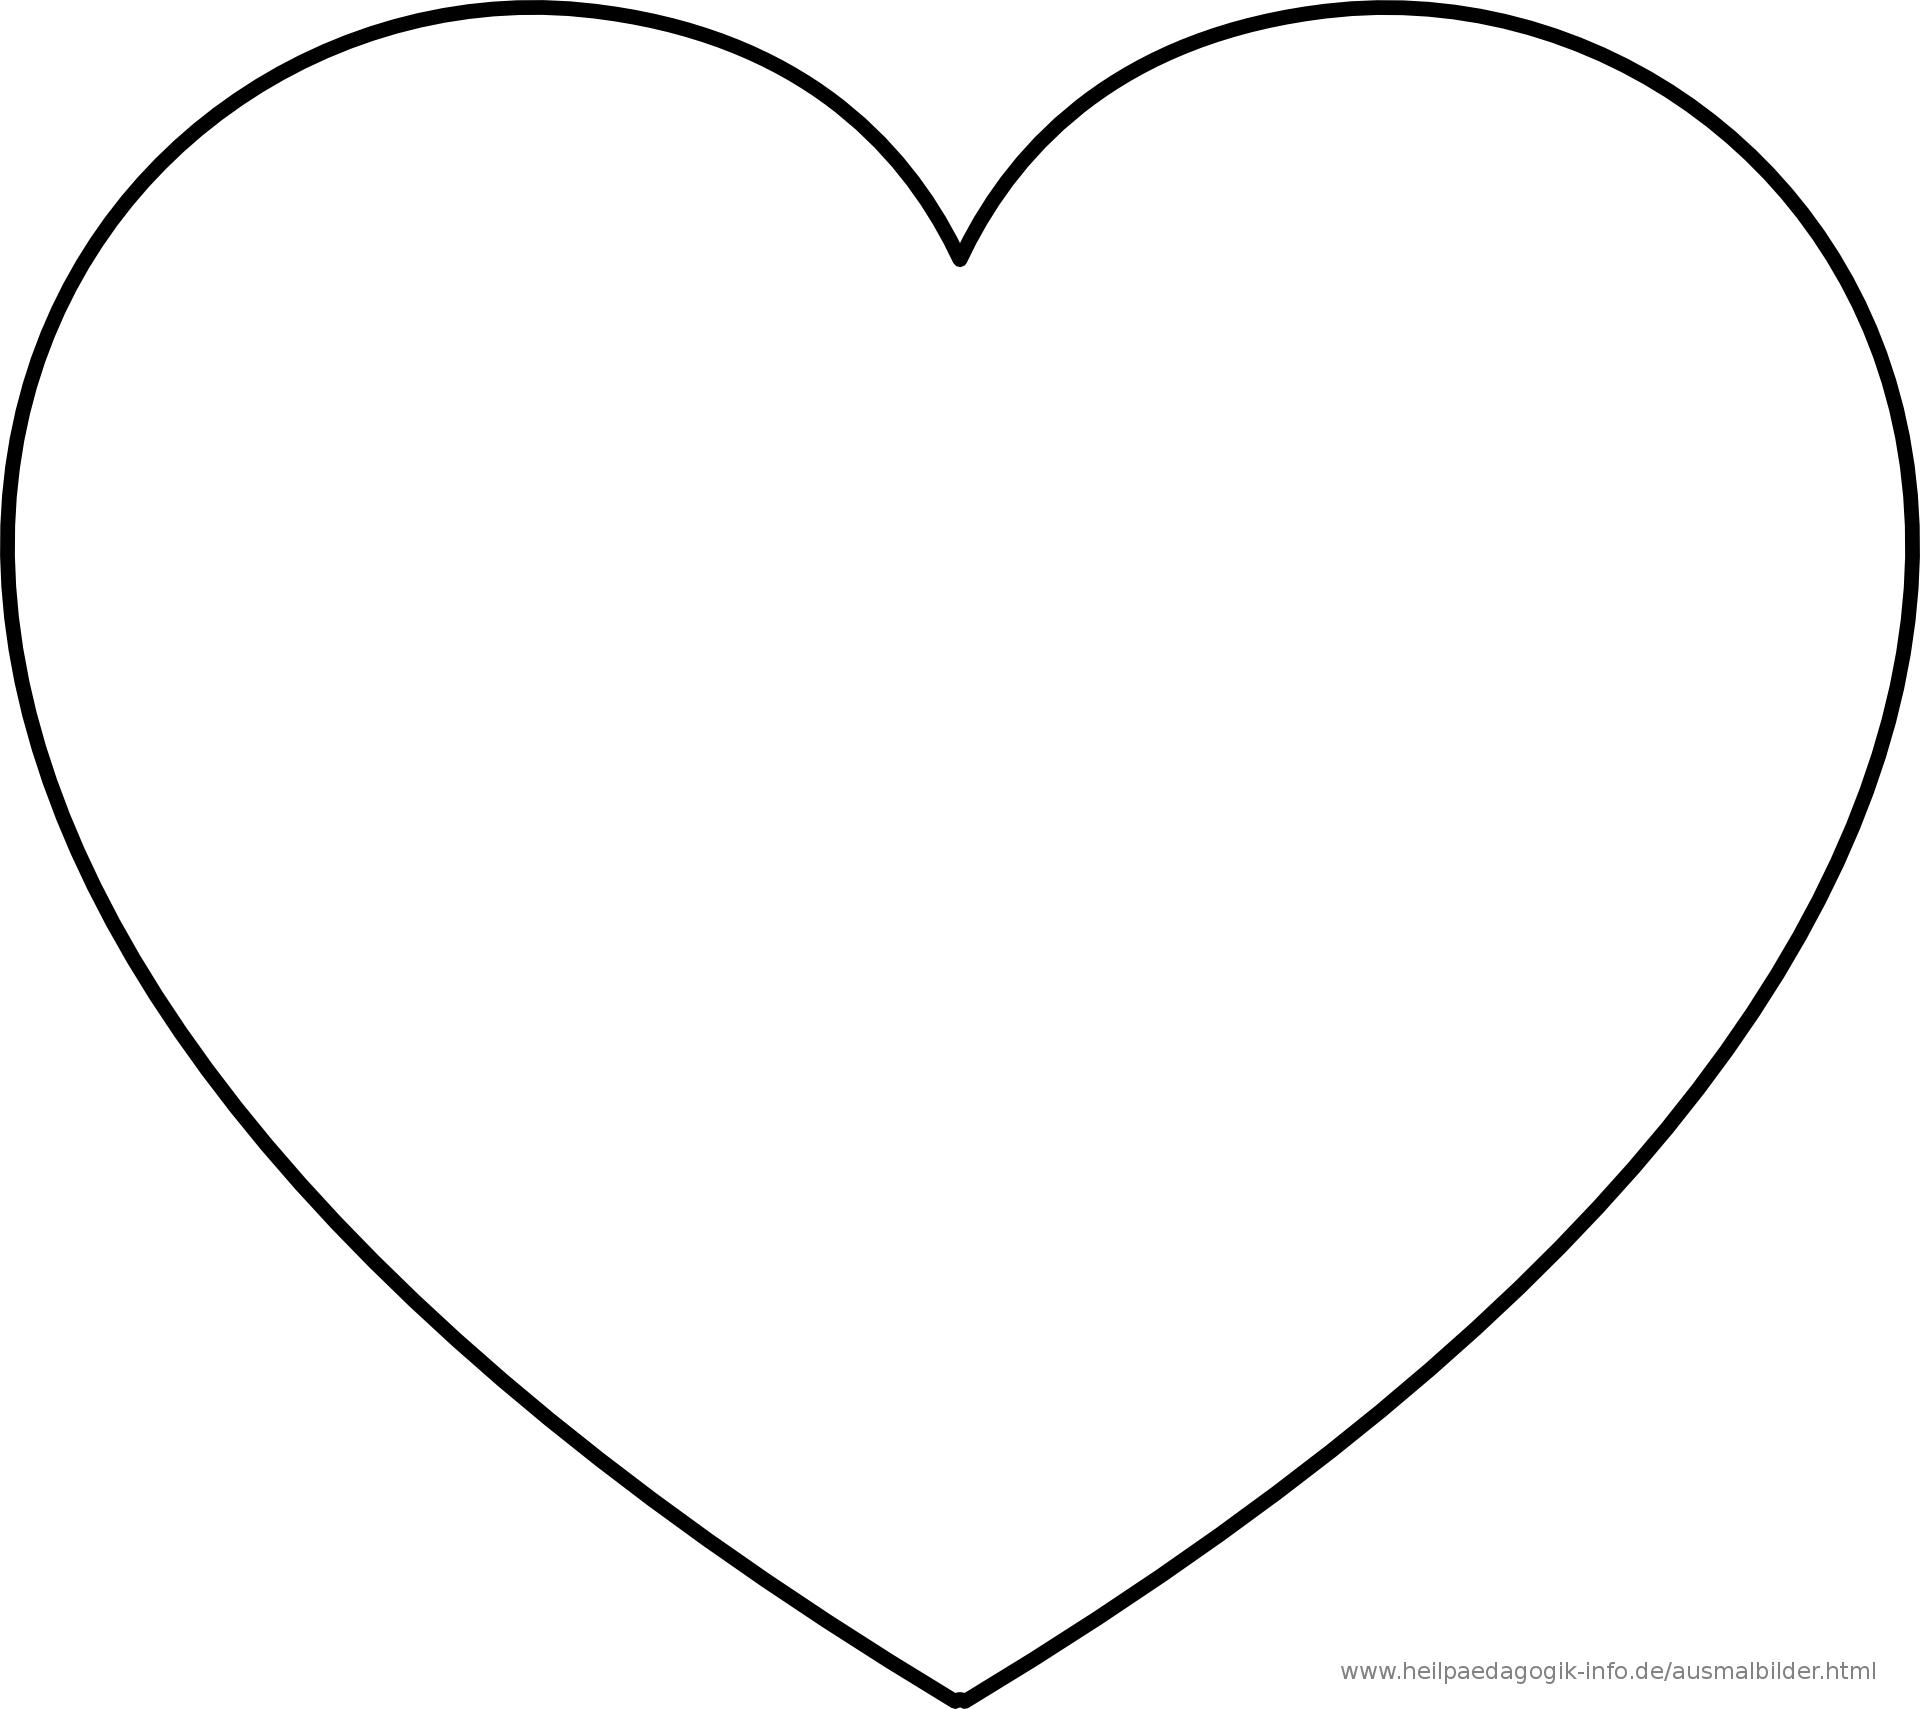 ausmalbilder emoji herz - tiffanylovesbooks